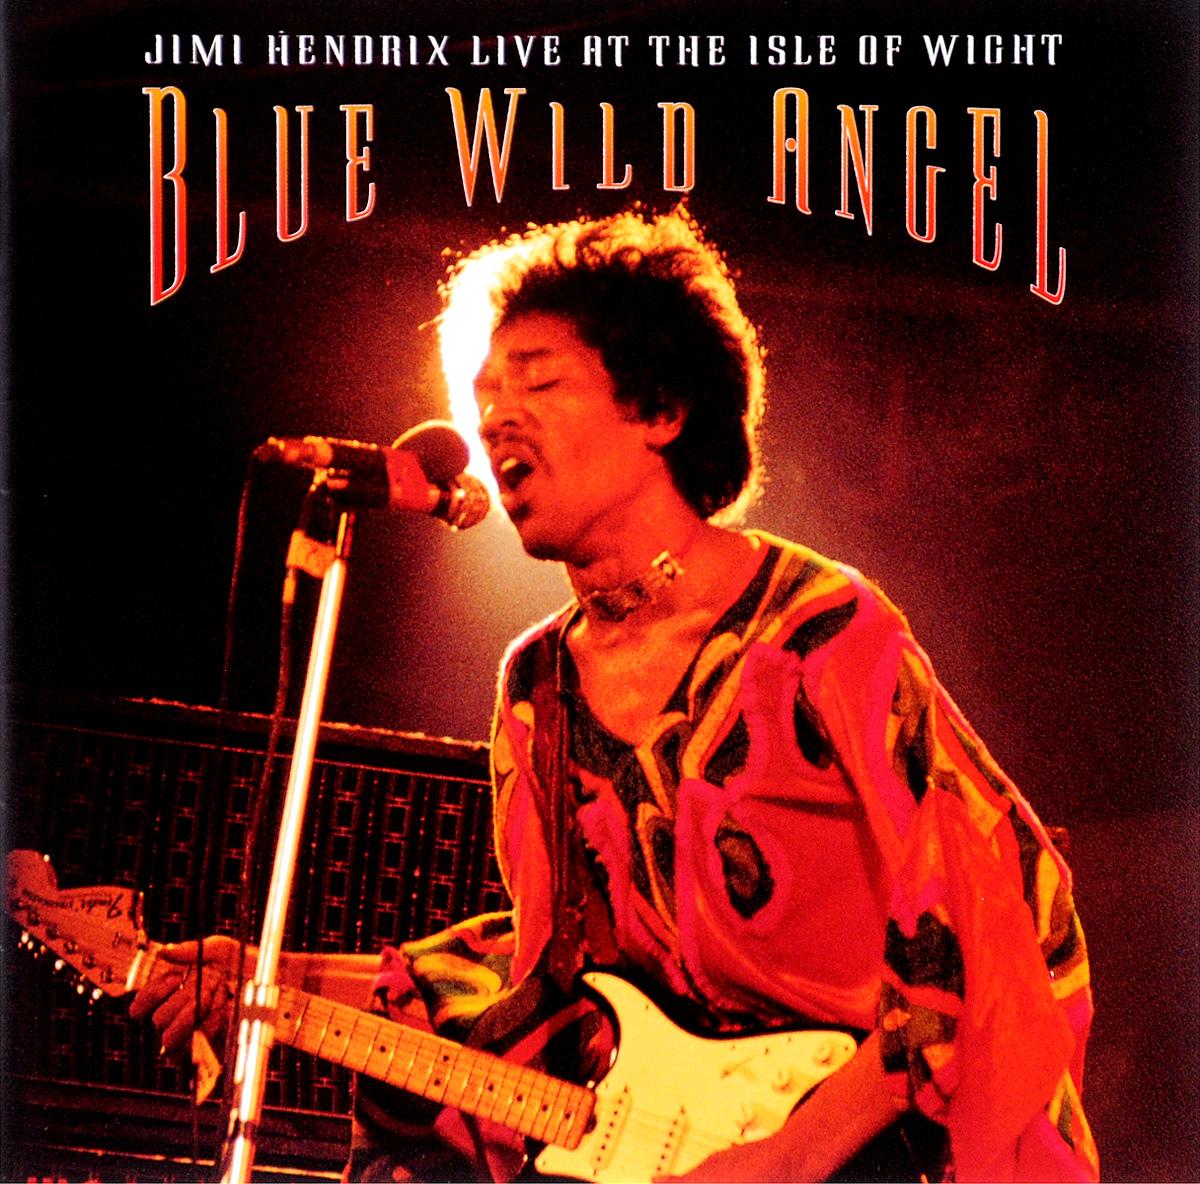 Джими Хендрикс Jimi Hendrix. Blue Wild Angel: Jimi Hendrix Live At The Isle Of Wight angel wight звезды озвездах